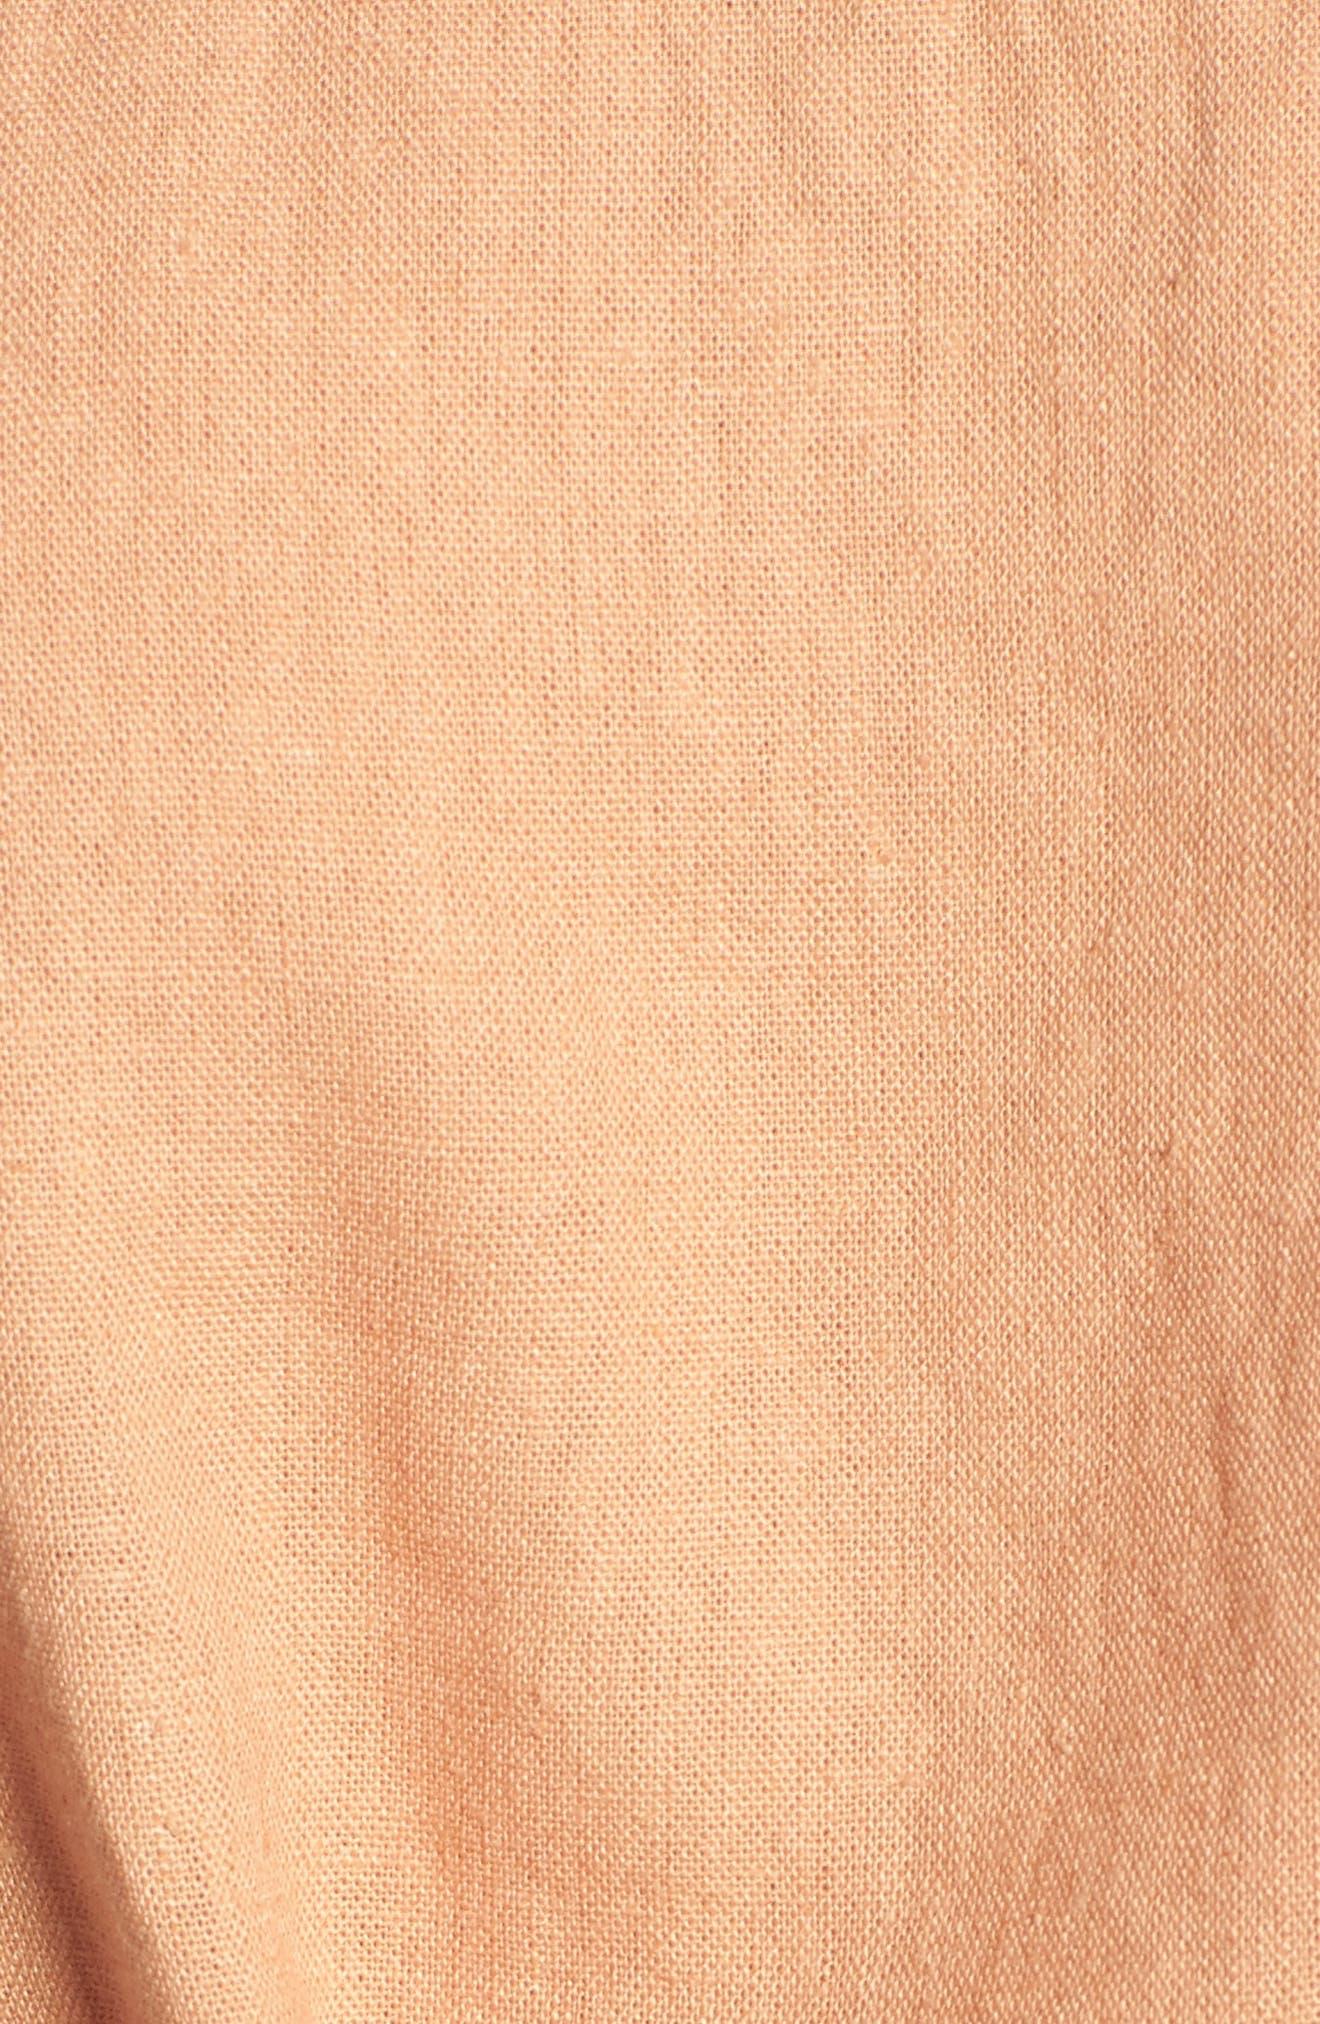 Tie Front Linen Blend Tank Top,                             Alternate thumbnail 13, color,